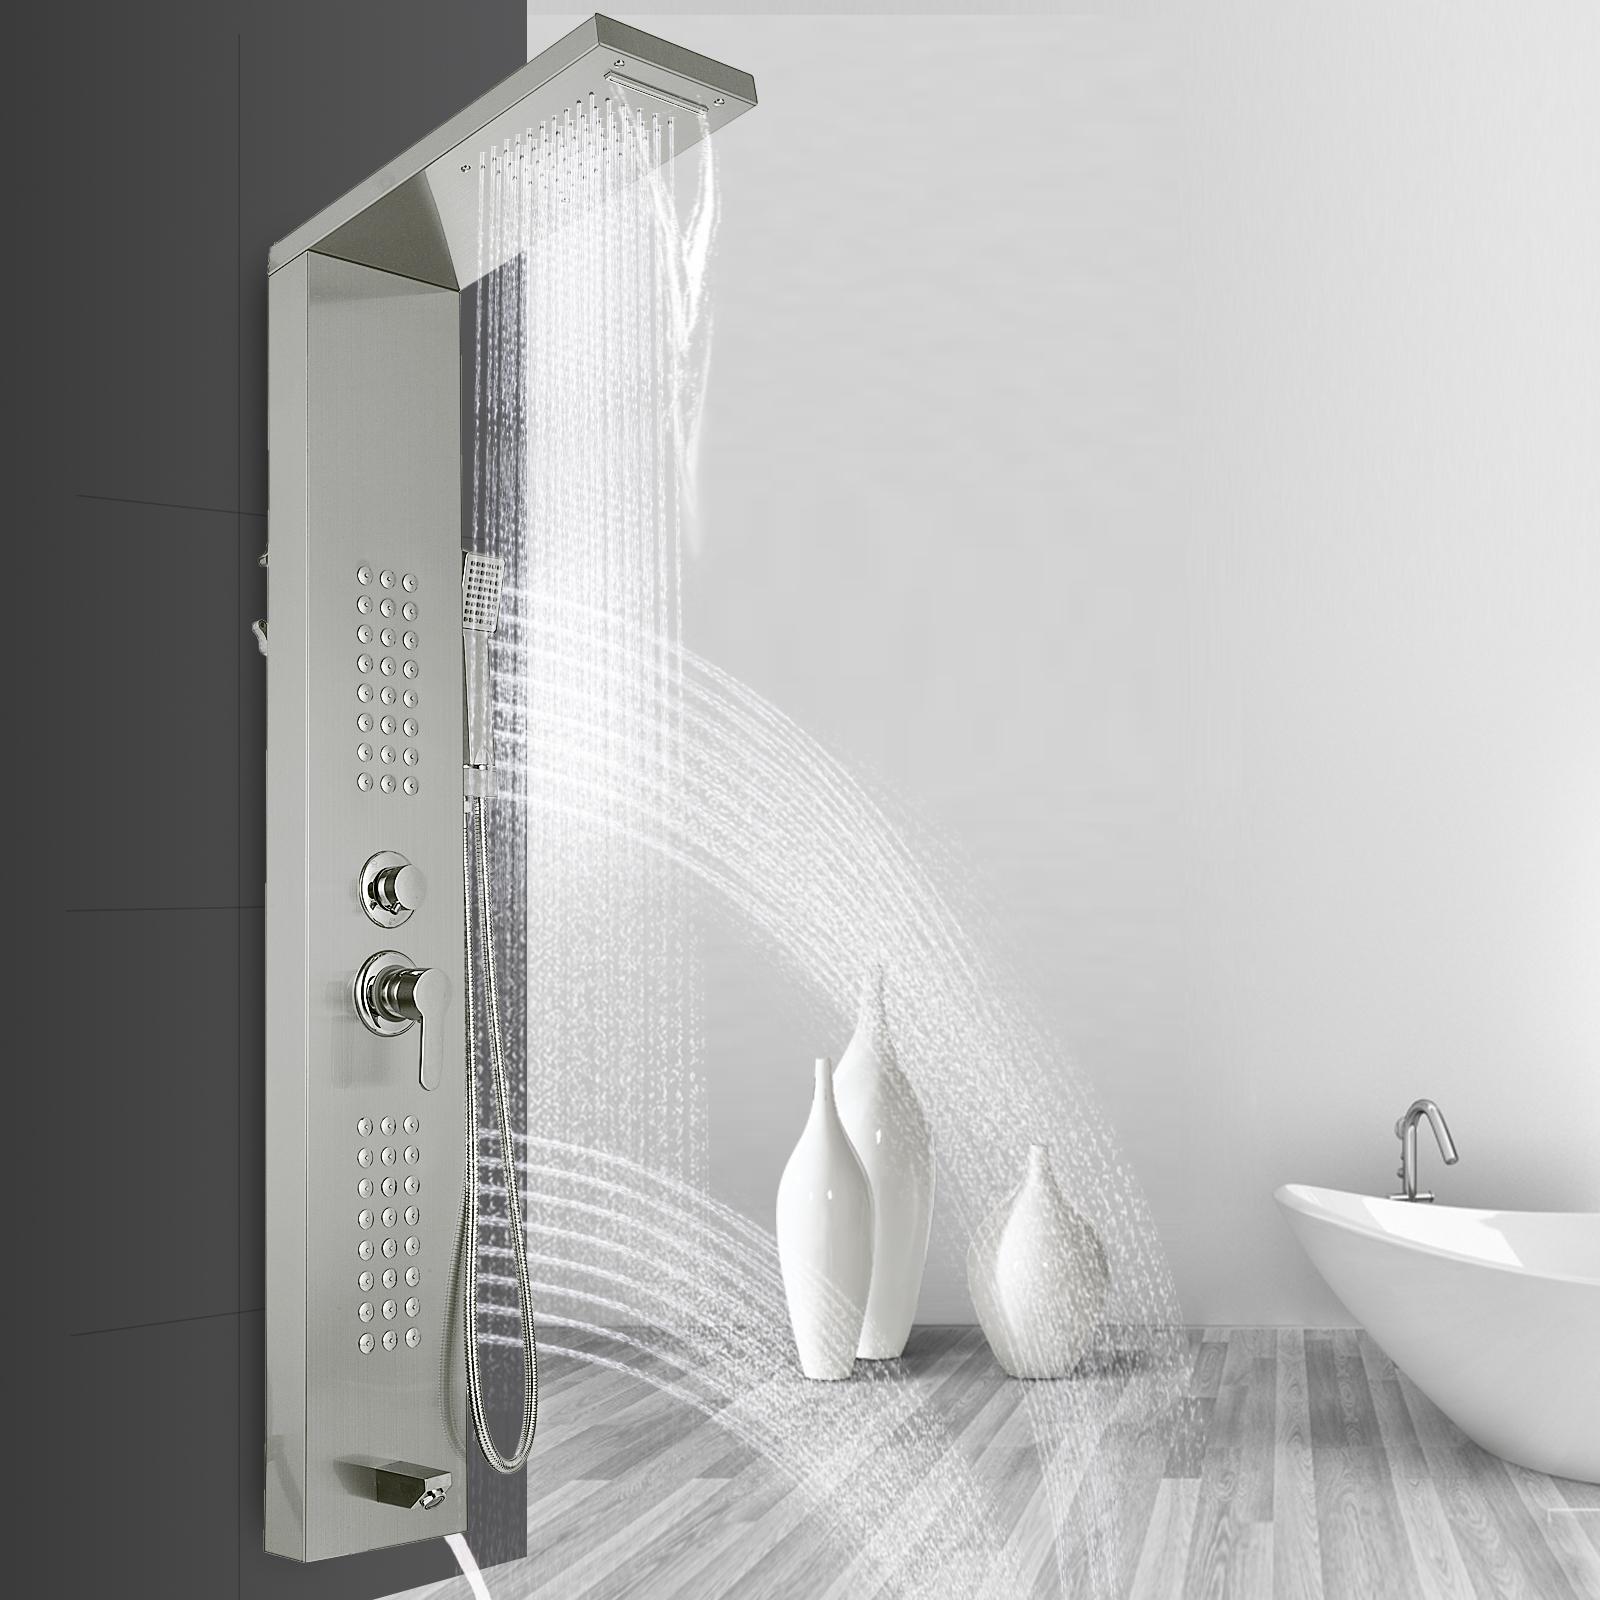 Pannello-doccia-idromassaggio-colonna-in-acciaio-inossidabile-con-miscelatore miniatura 78